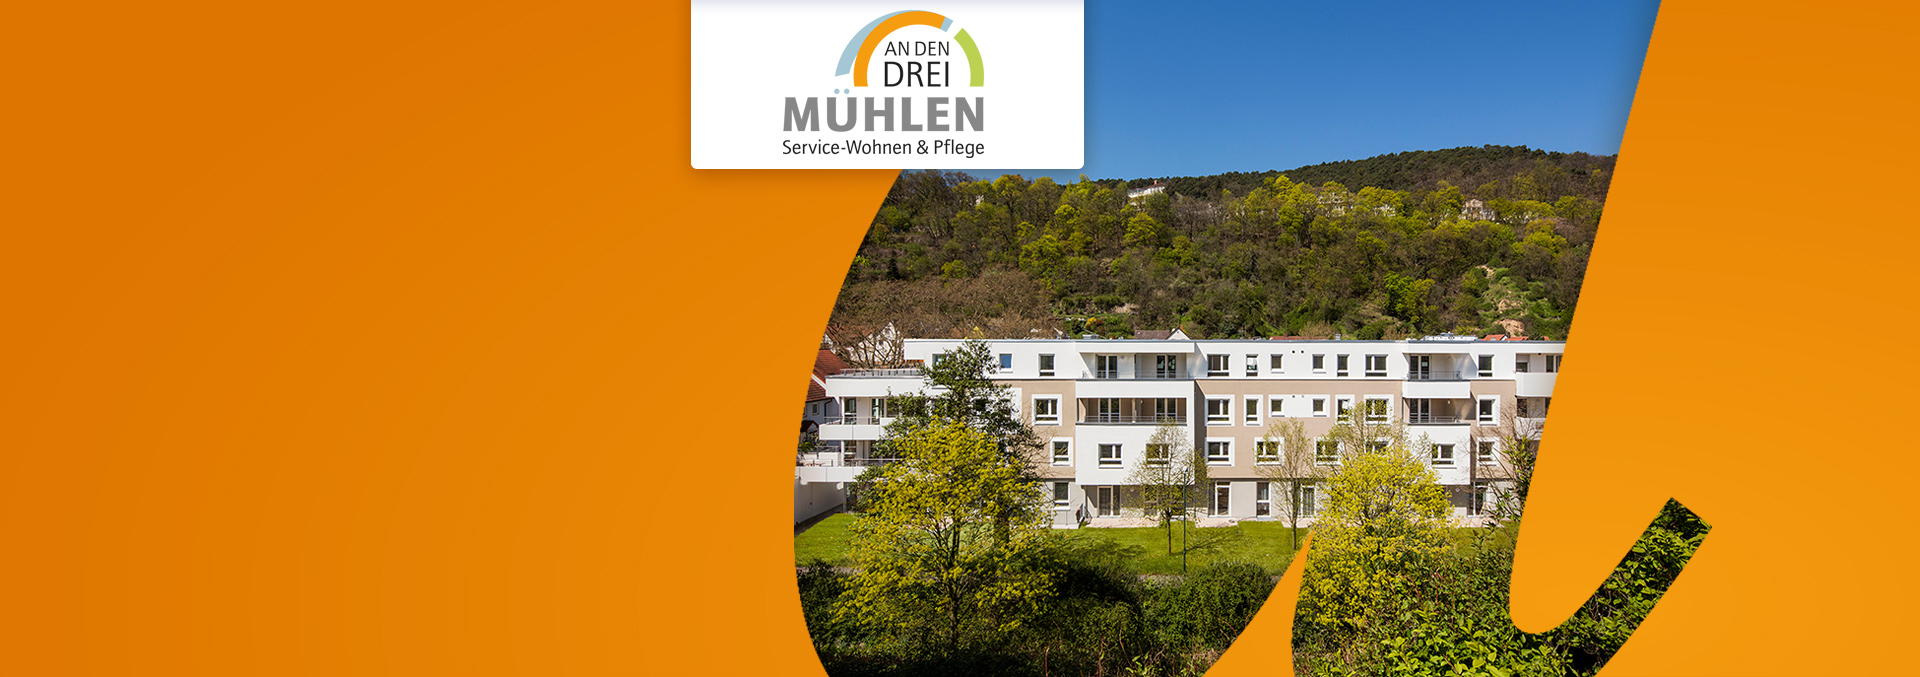 Service-Wohnen und Pflege An den drei Mühlen: Blick von außen über Büsche und Rasen auf die Einrichtung, im Hintergrund Wald.